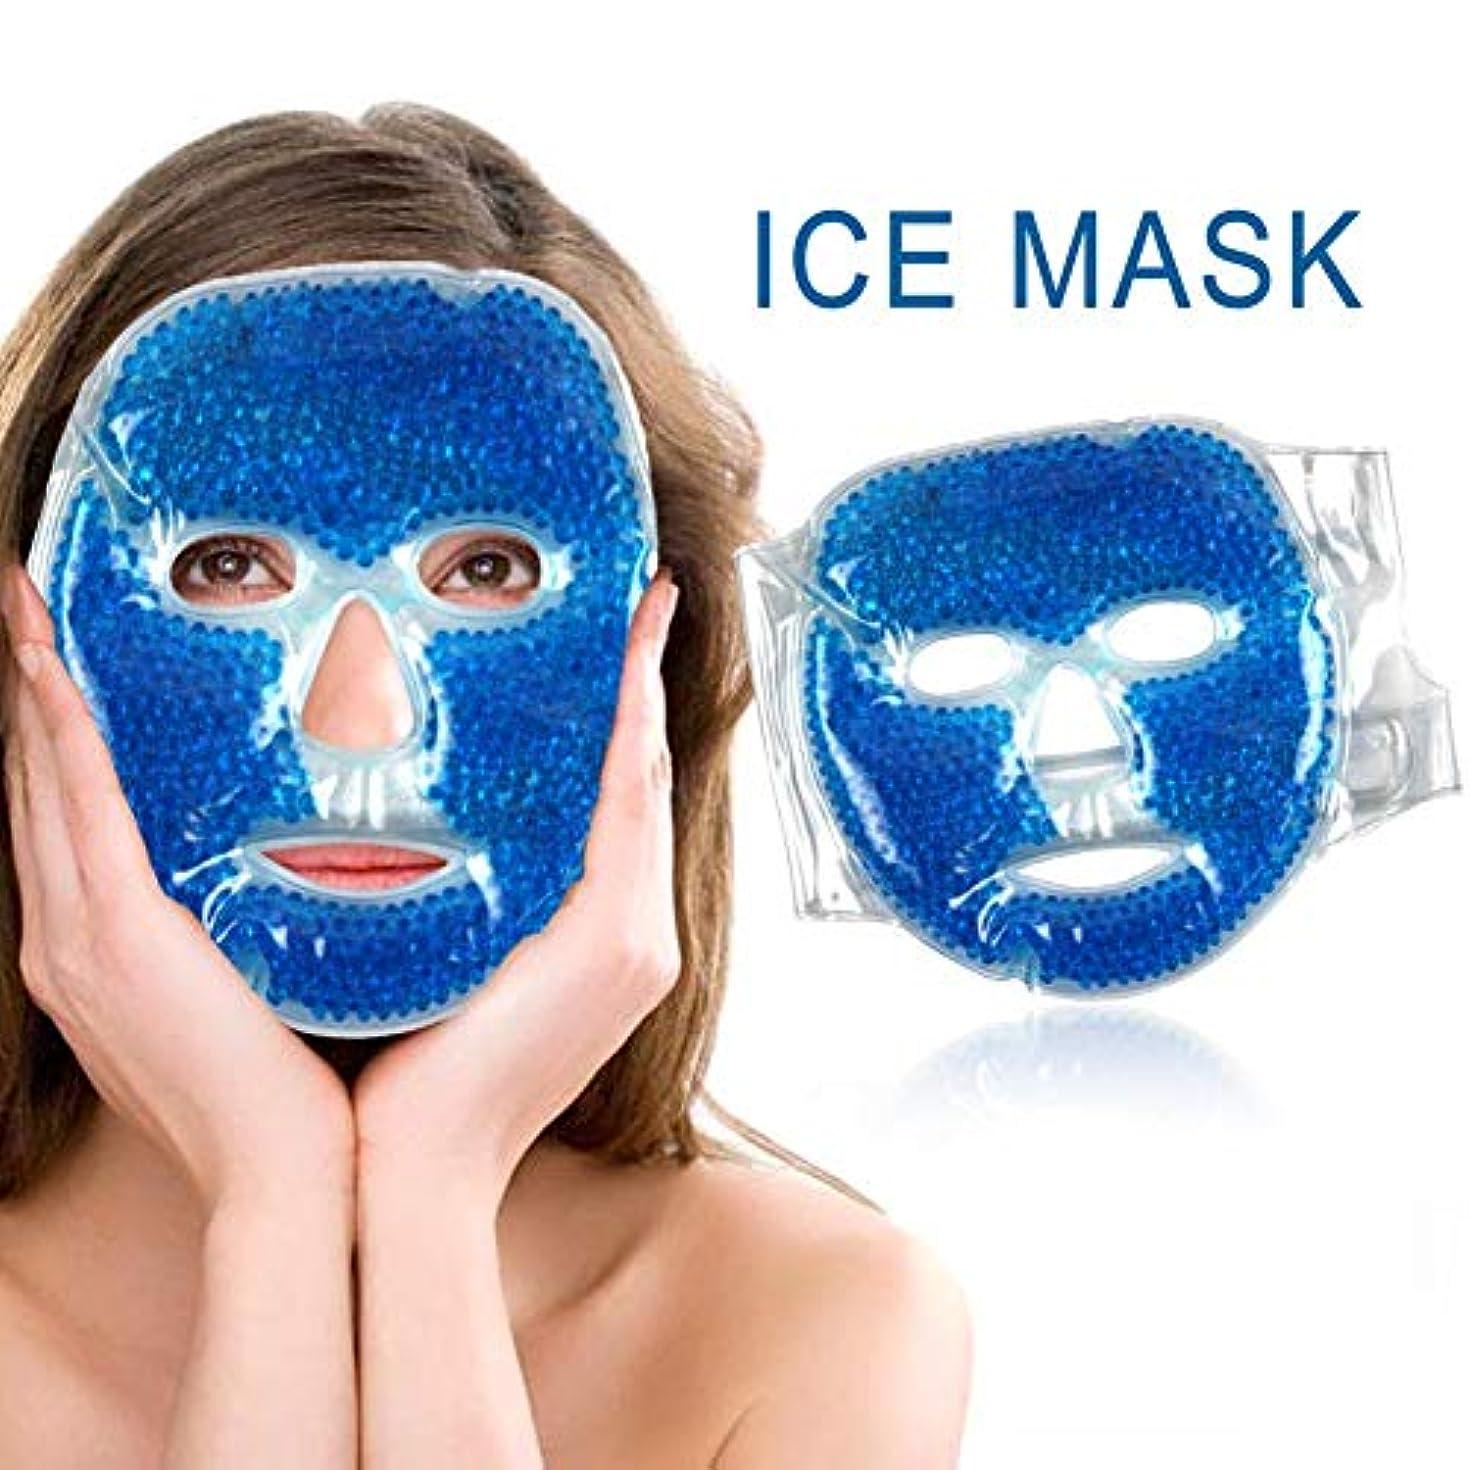 意志勧めるちっちゃいSILUN フェイスマスク 冷温兼用 アイスマスク 美容用 再利用可能 毛細血管収縮 疲労緩和 肌ケア 保湿 吸収しやすい 美容マッサージ